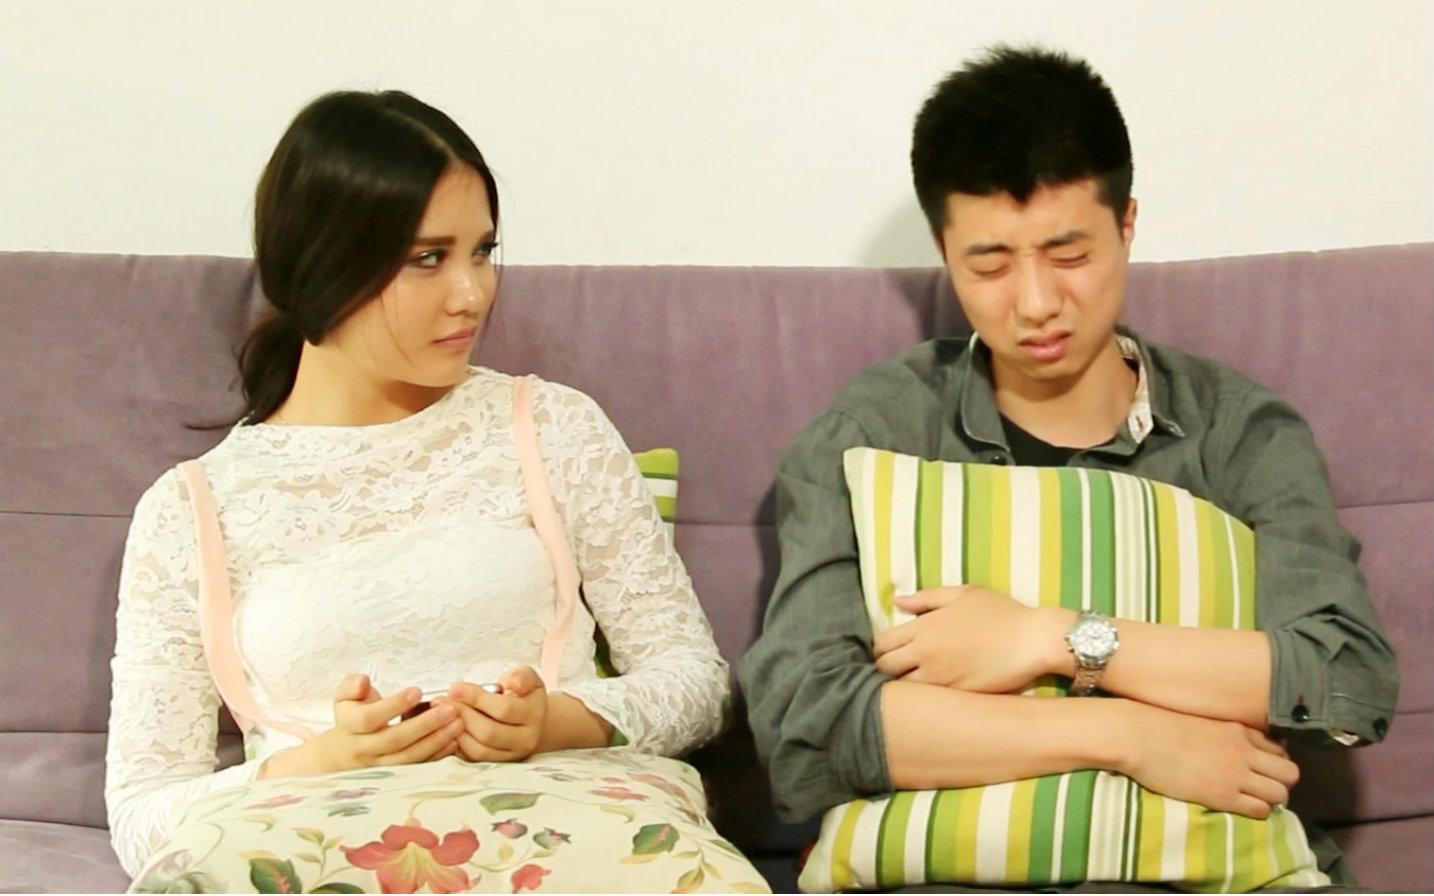 丝帮视频买卫生巾瞬间a视频了_搞笑_v视频_b老婆姚玉峰图片